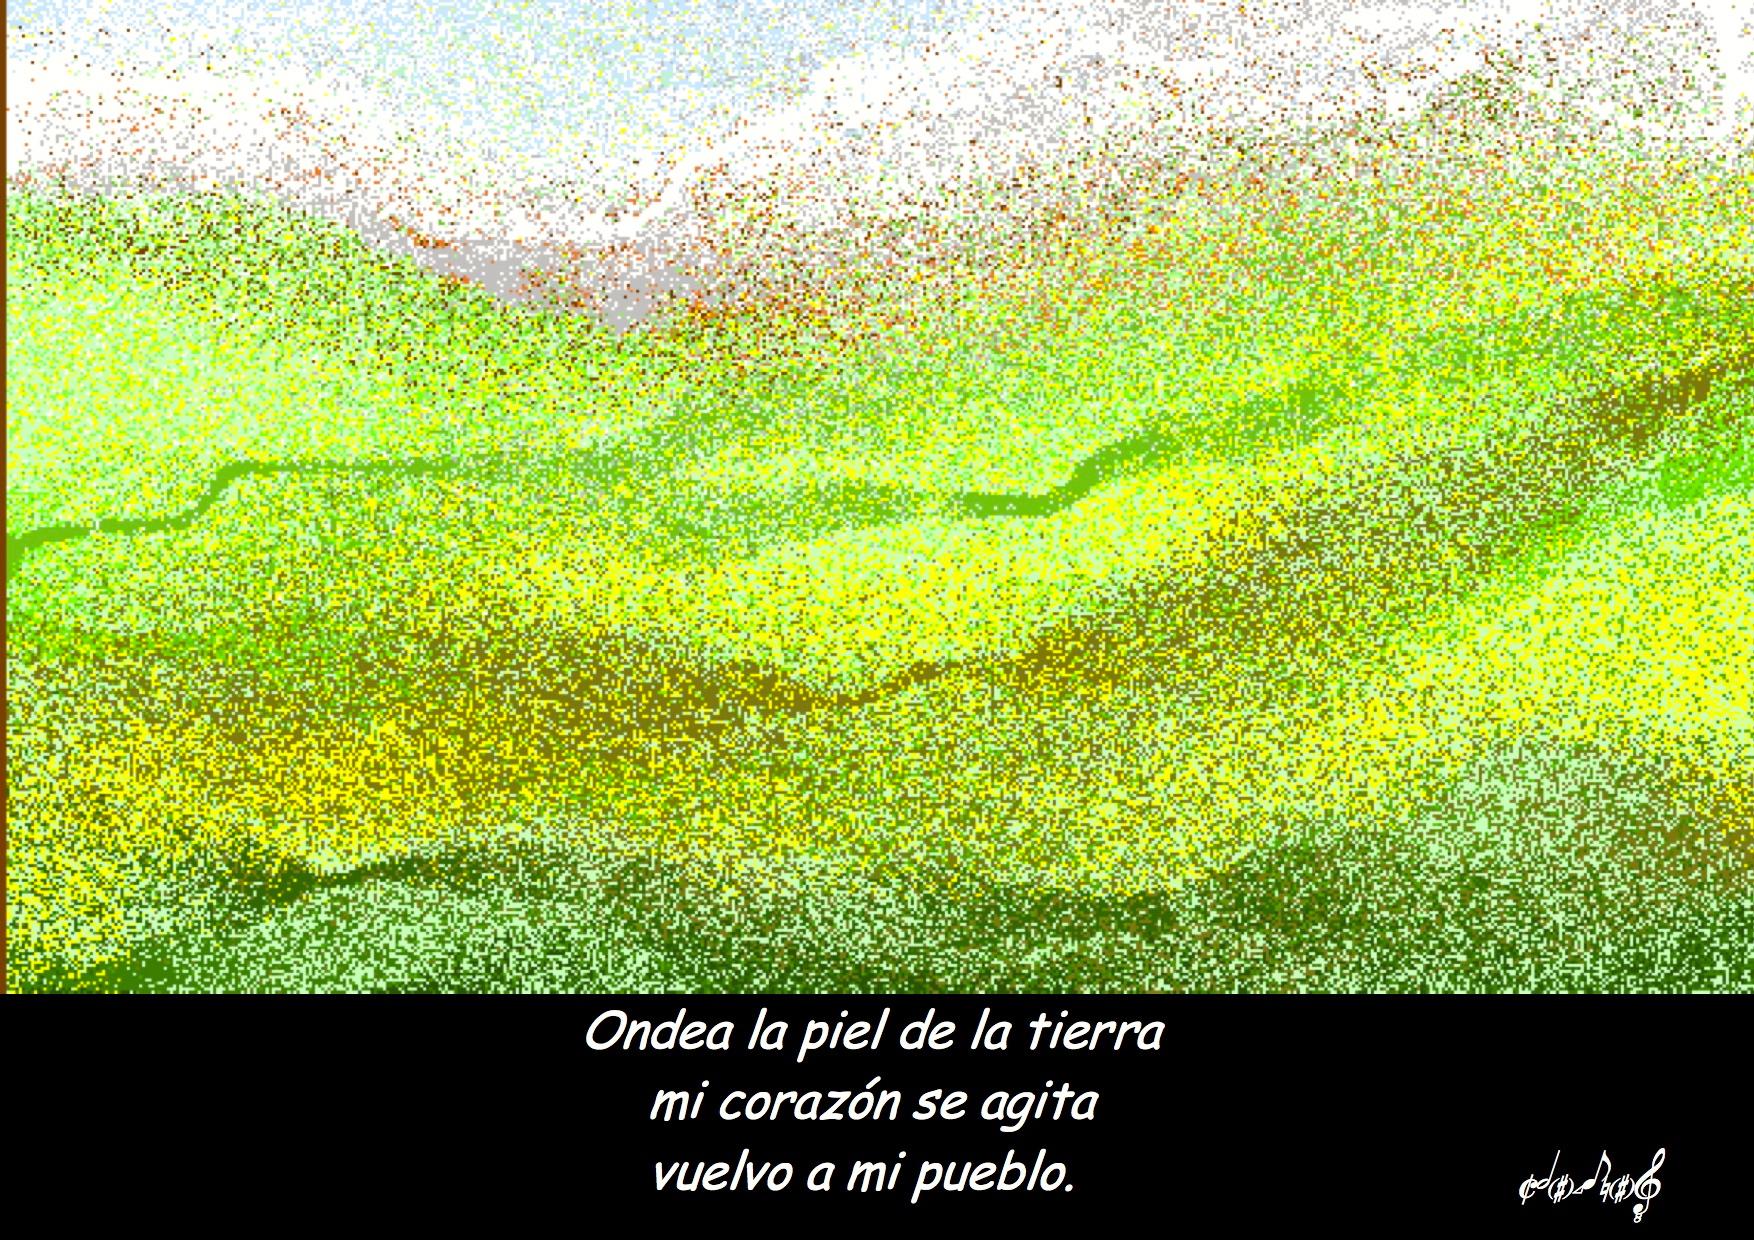 POEMAS_PINTURAS_emigrante de_Chalena